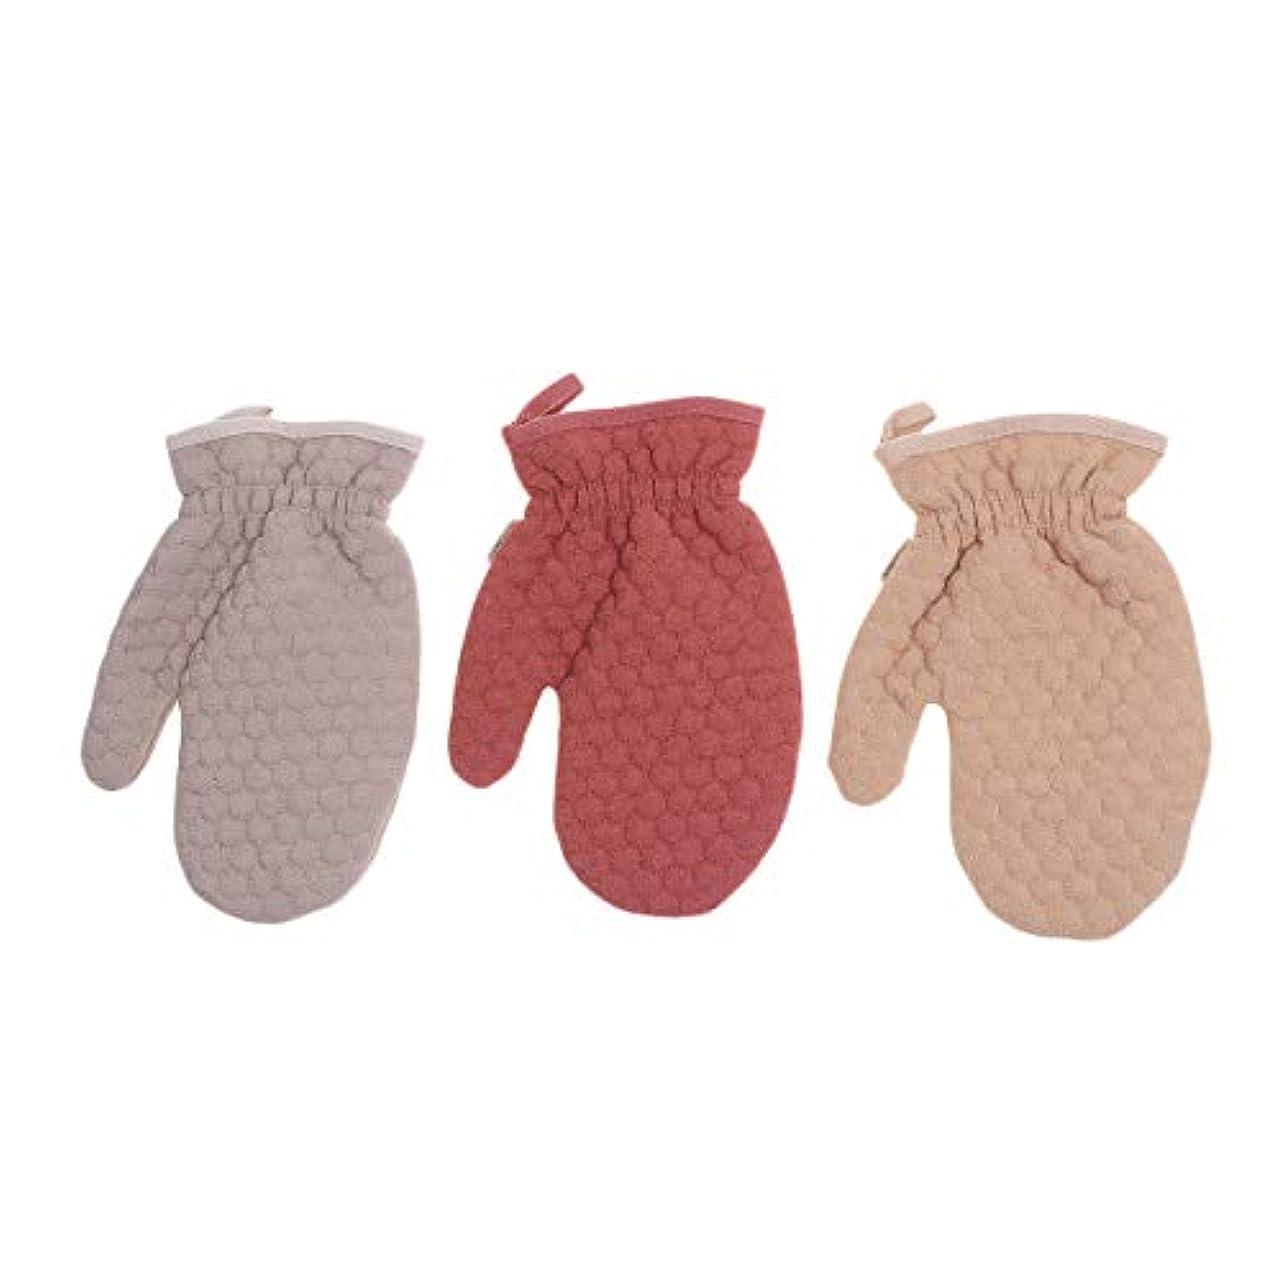 岩弁護人パールBeaupretty 3本剥離手袋ダブルサイドシャワー手袋スクラブグローブシャワー用デュアルテクスチャバスグローブ(ダークレッドライトブラウンライトコーヒー)